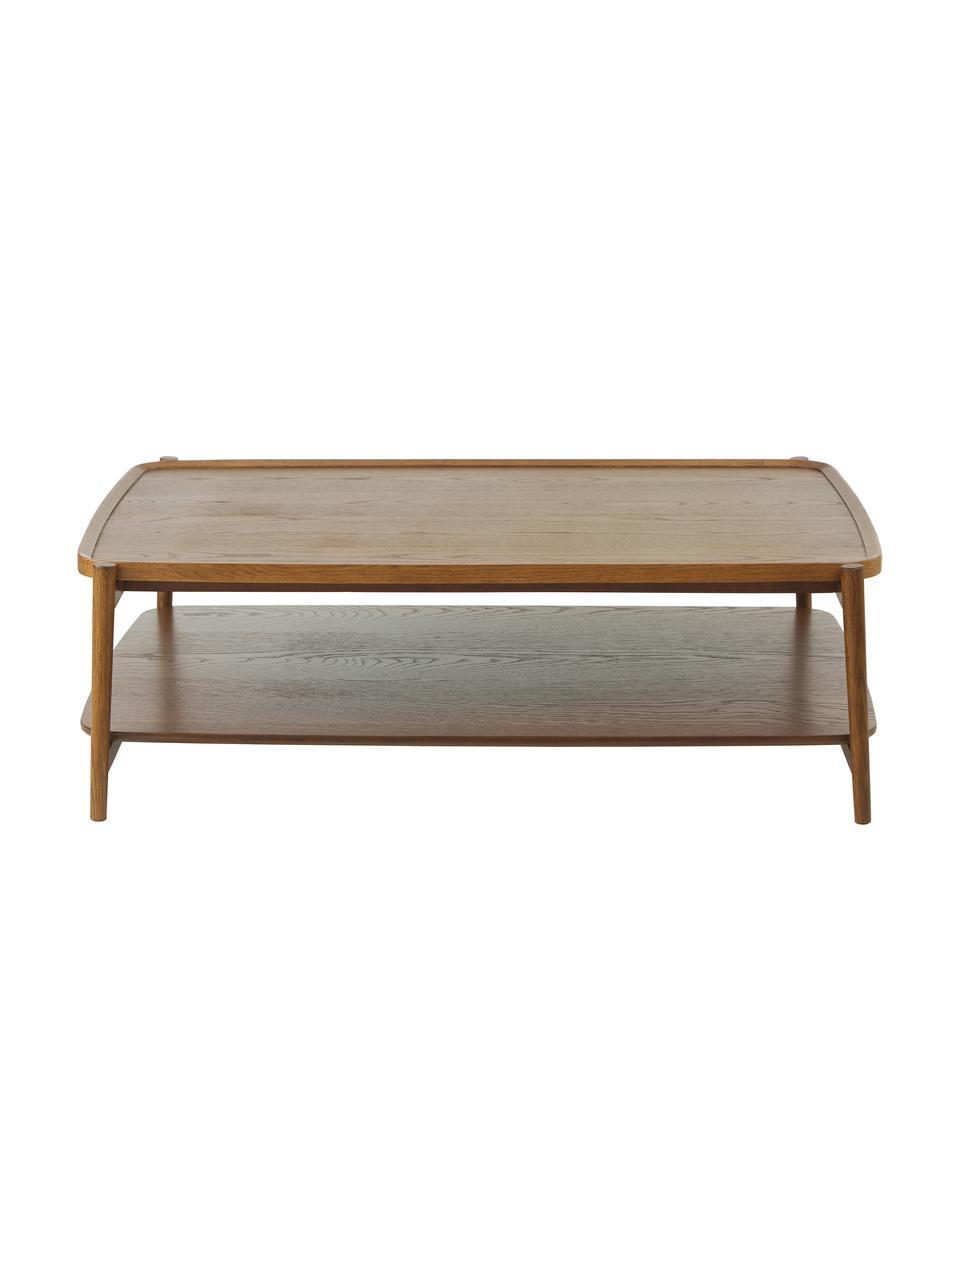 Stolik kawowy z drewna dębowego Libby, Stelaż: lite drewno orzecha włosk, Drewno orzecha włoskiego, S 110 x W 35 cm